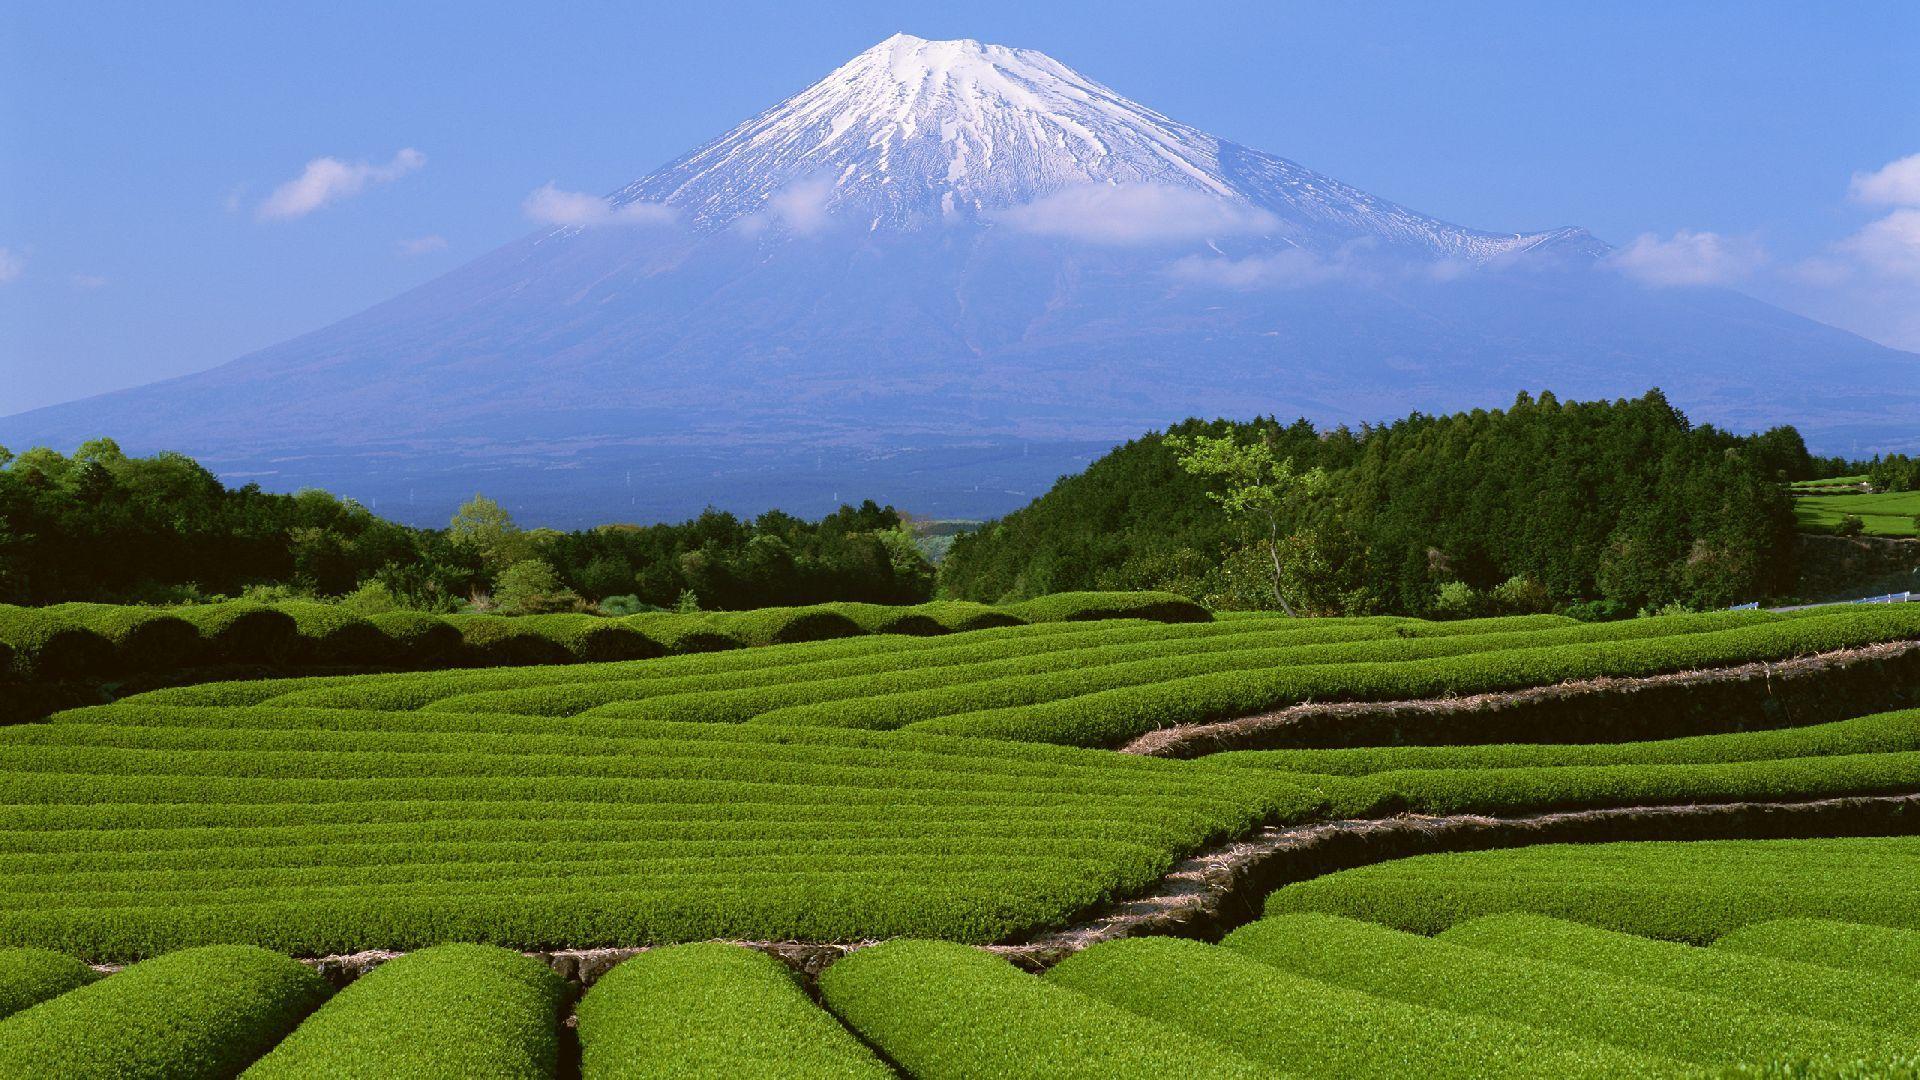 Fuji Wallpaper